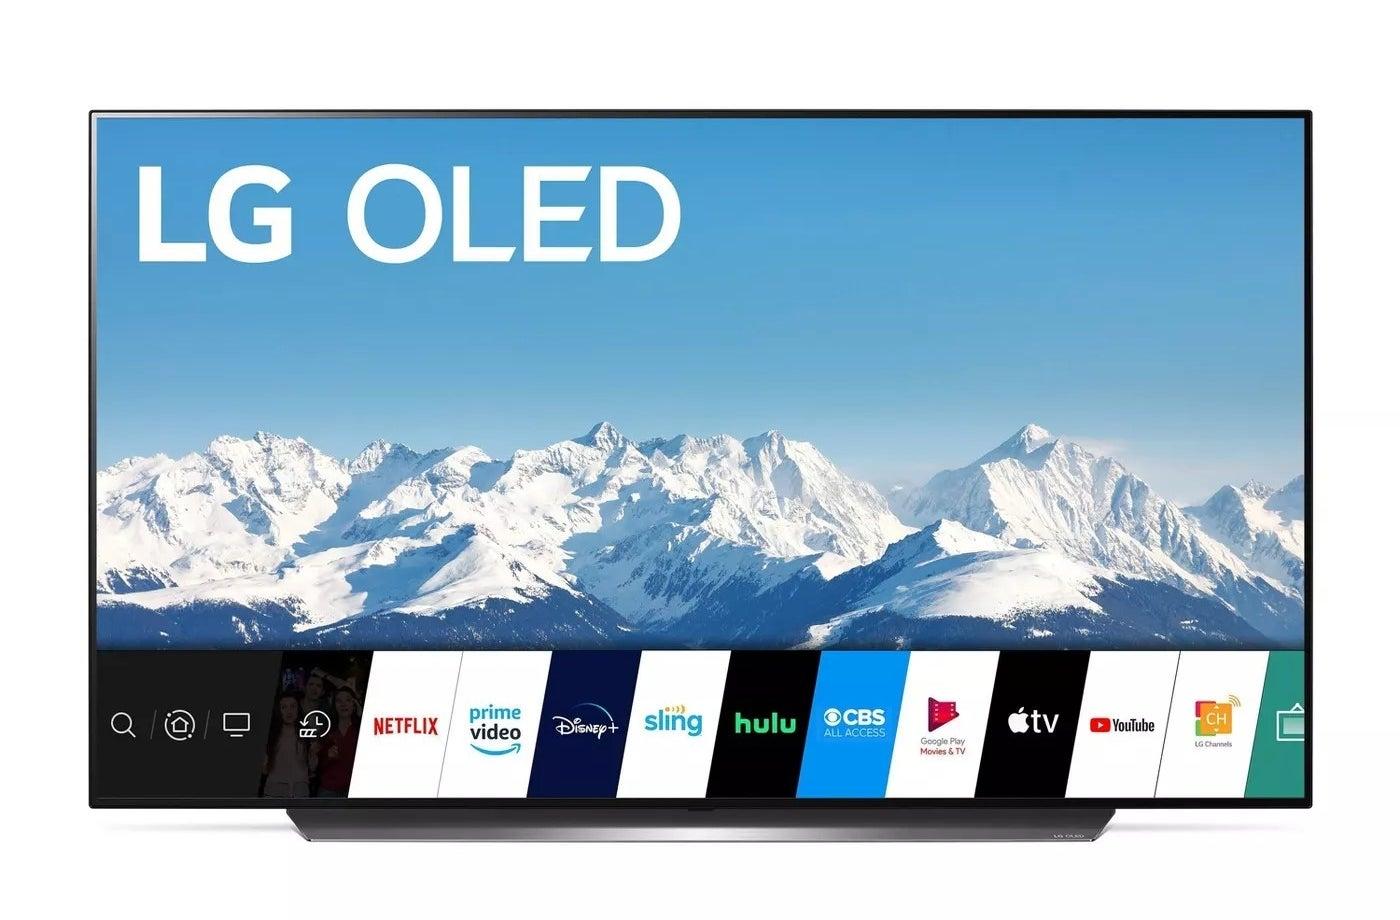 The LG OLED smart TV